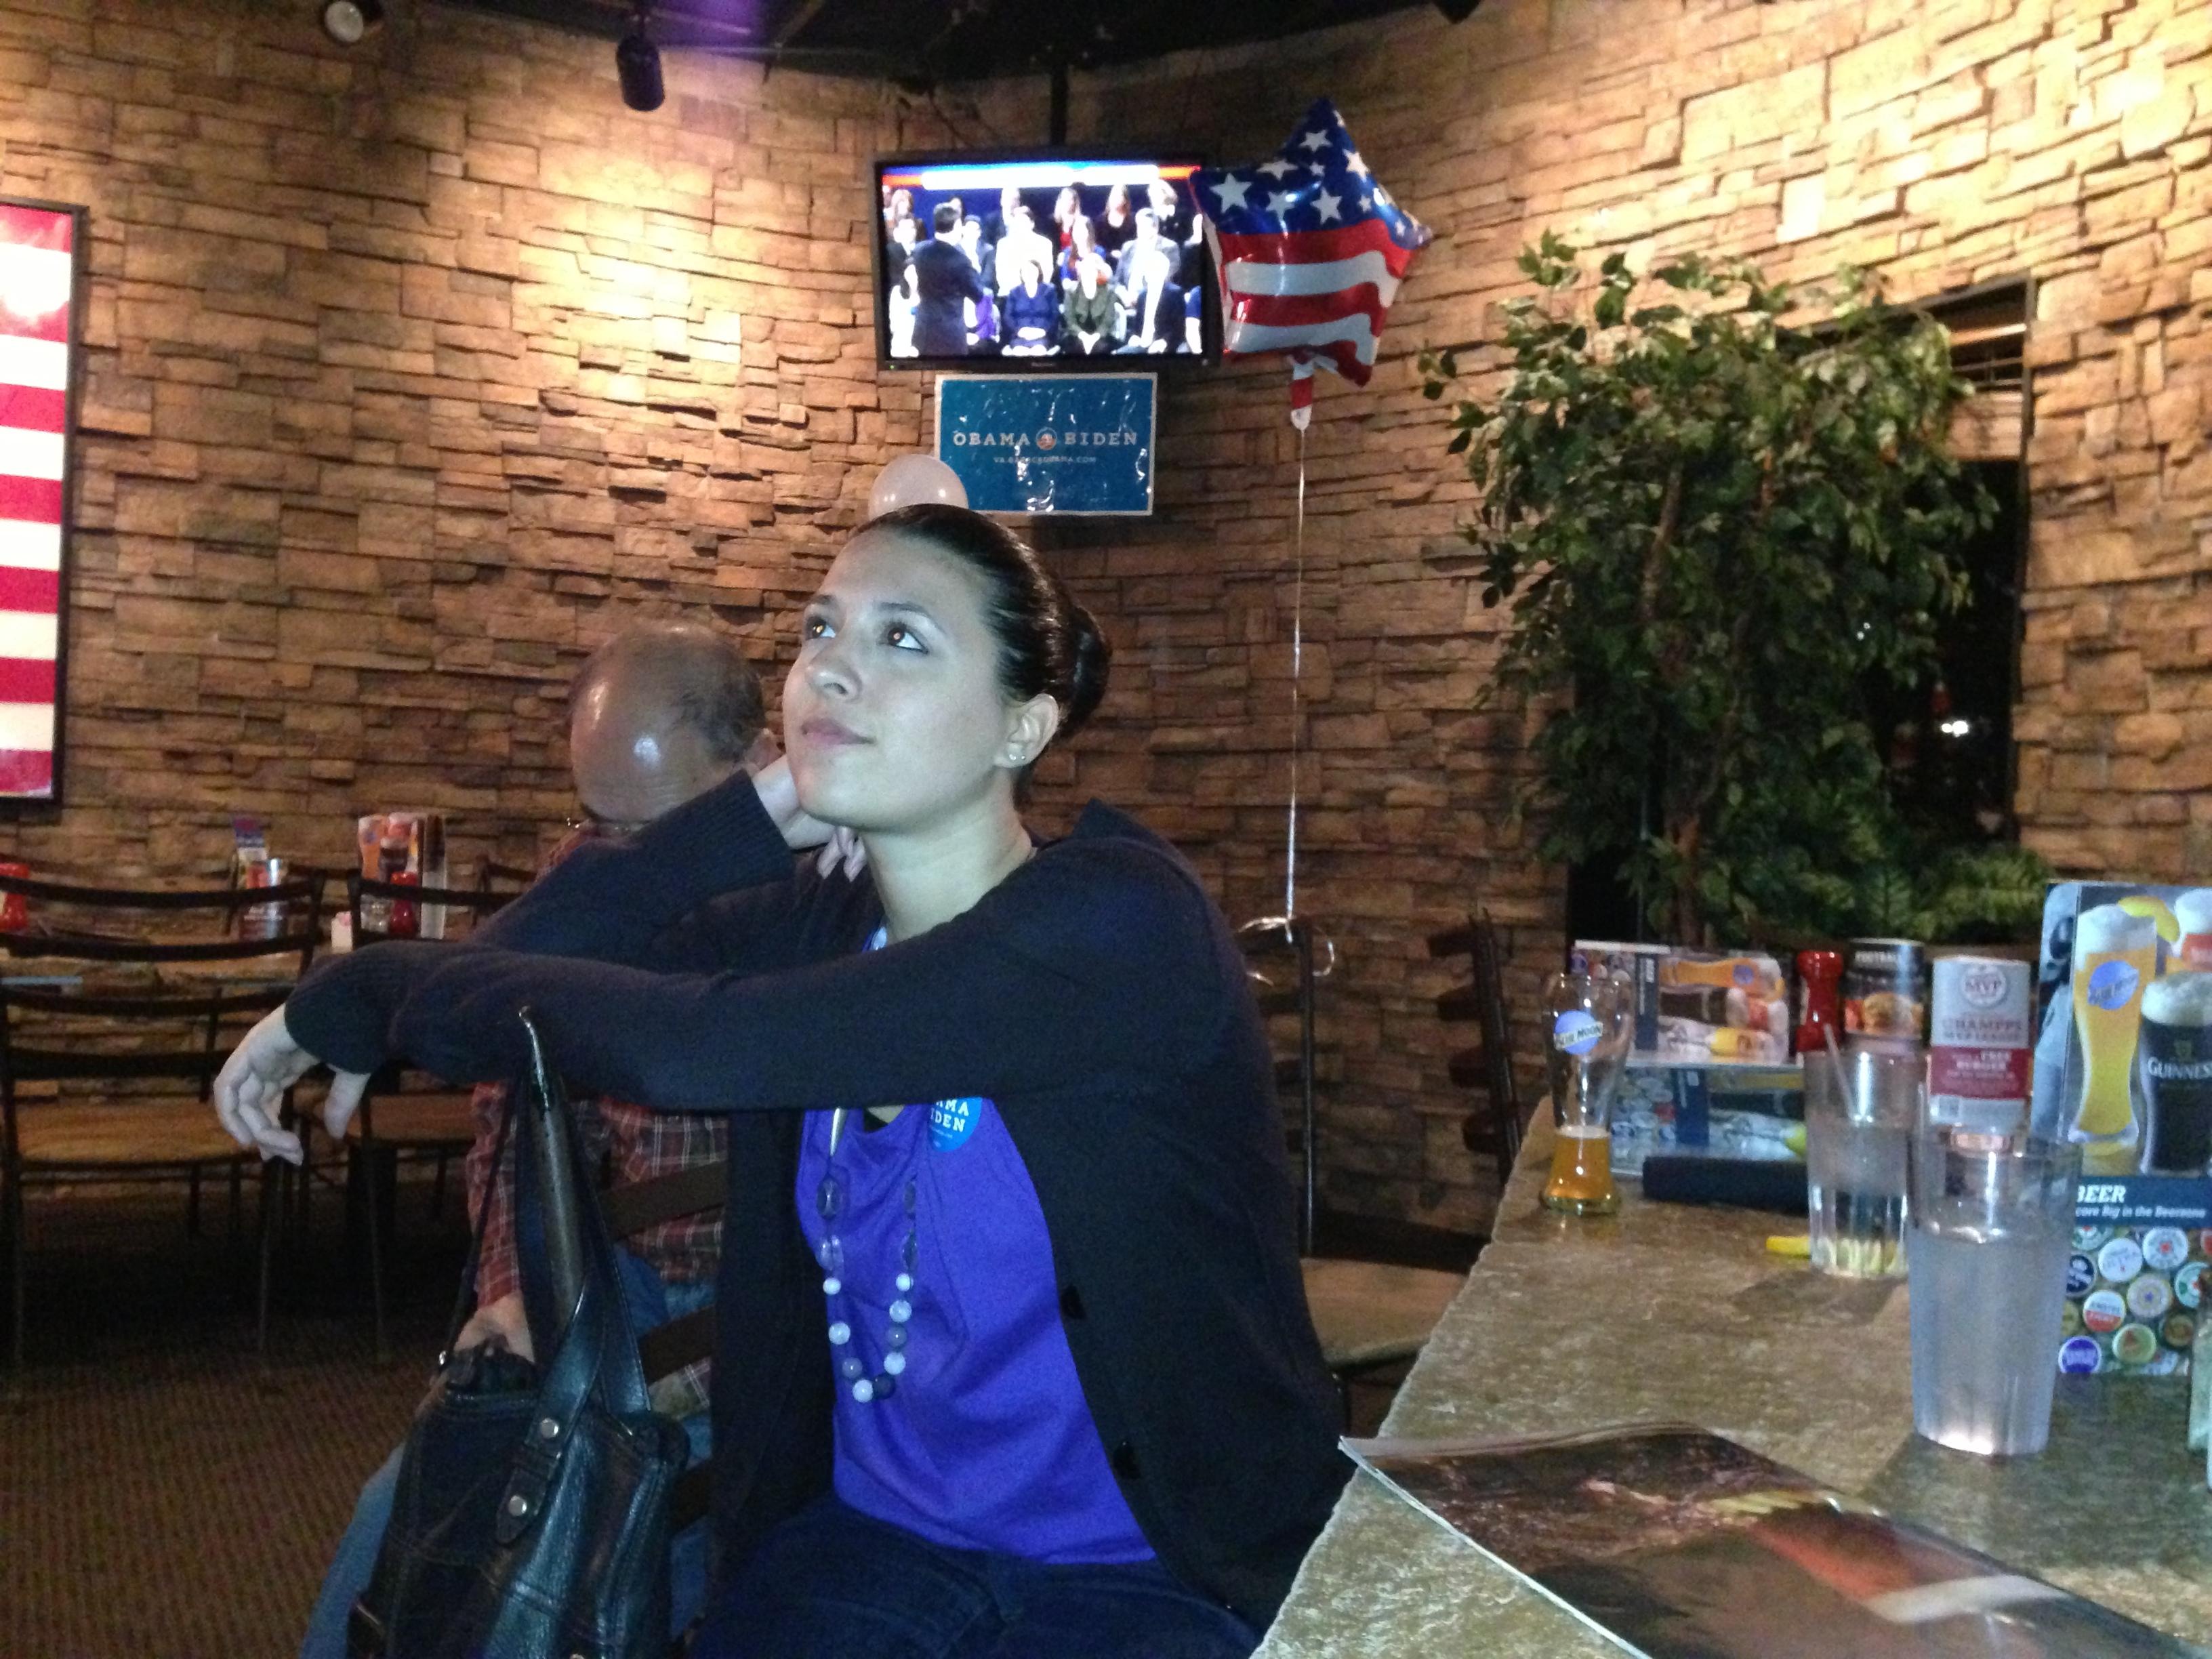 مواطنة أميركية تشاهد المناظرة الثانية بين أوباما ورومني في أحد المطاعم في مقاطعة فيرفاكس بولاية فرجينيا